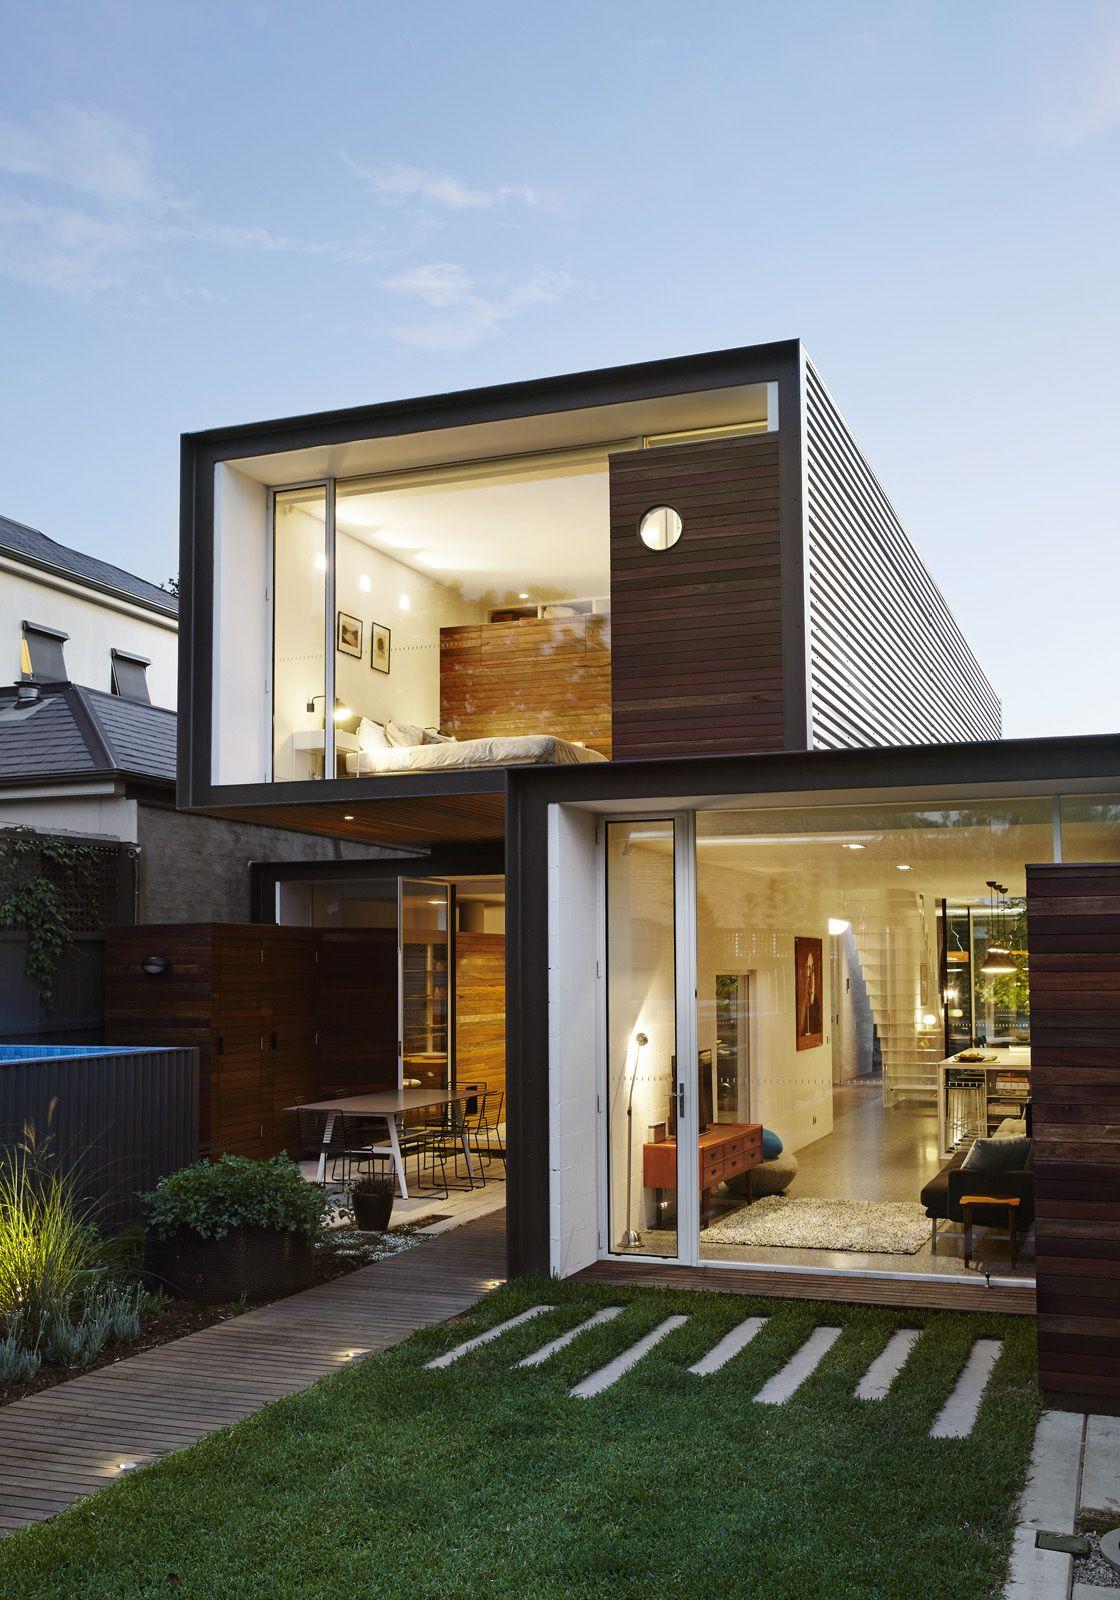 Gallery of THAT House / Austin Maynard Architects - 11 | Architektur ...